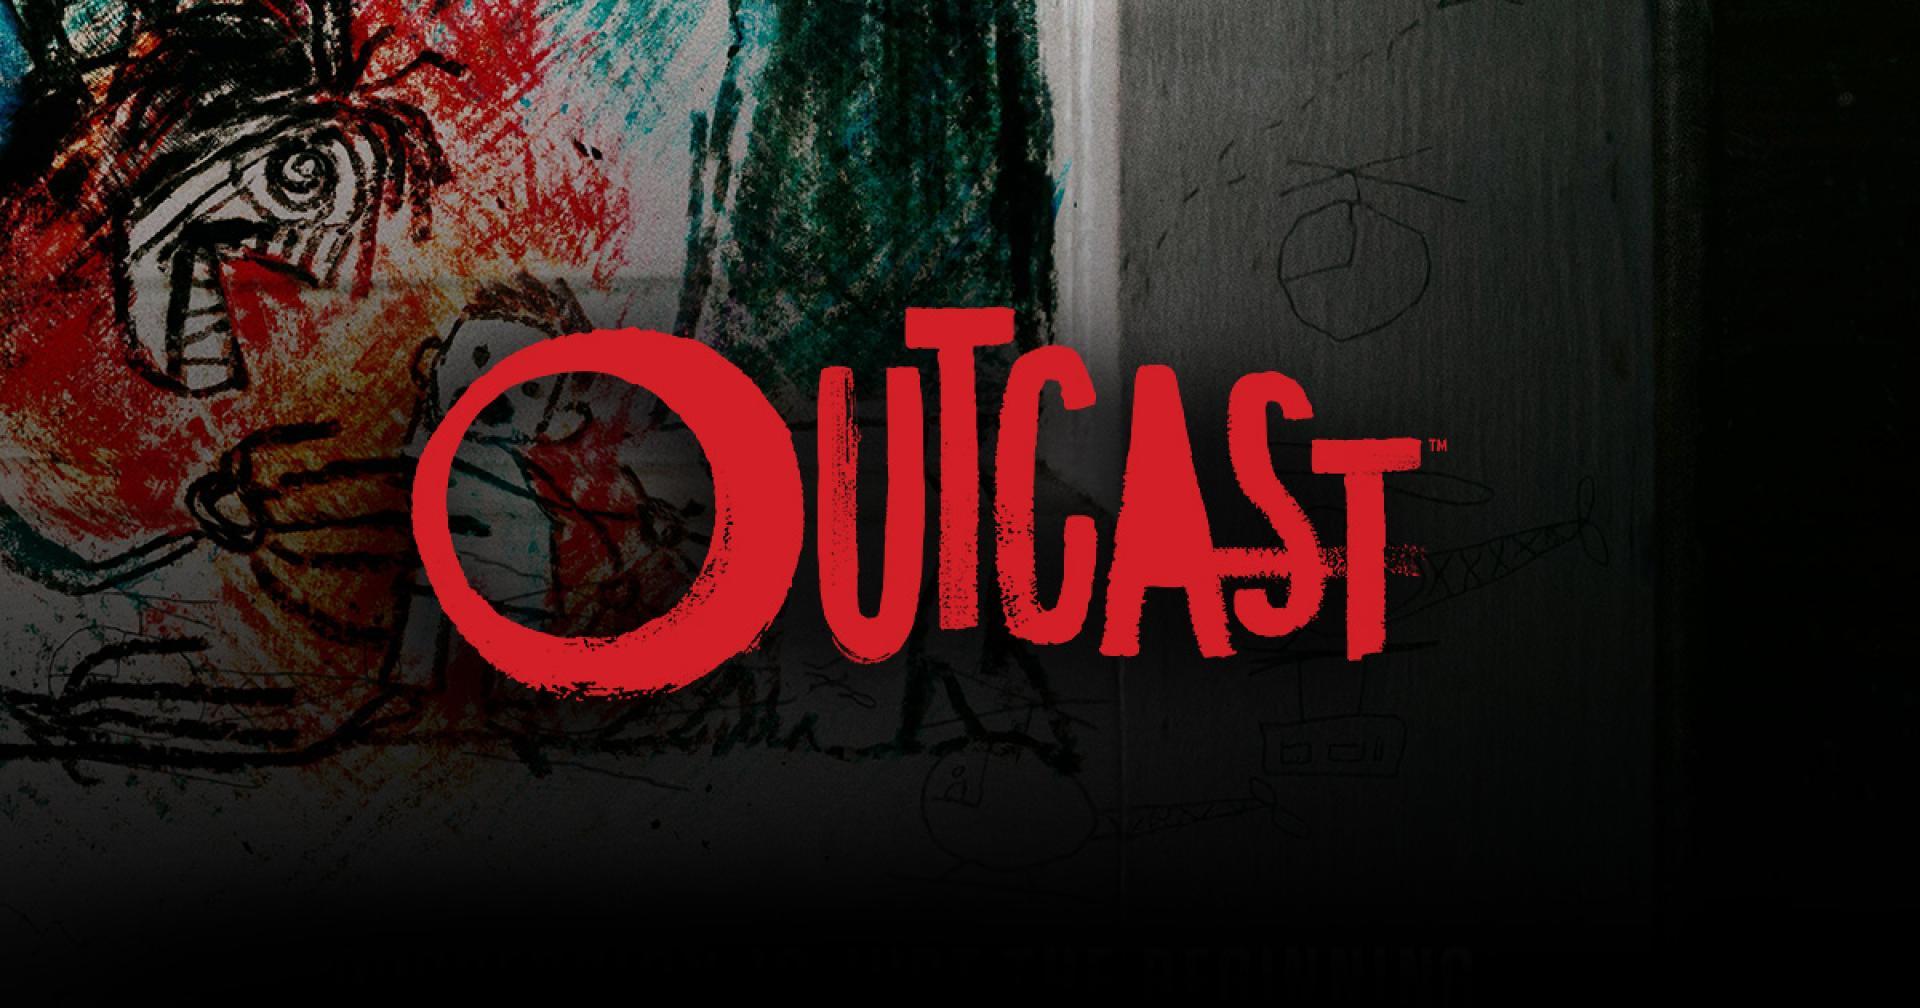 Outcast 1x04